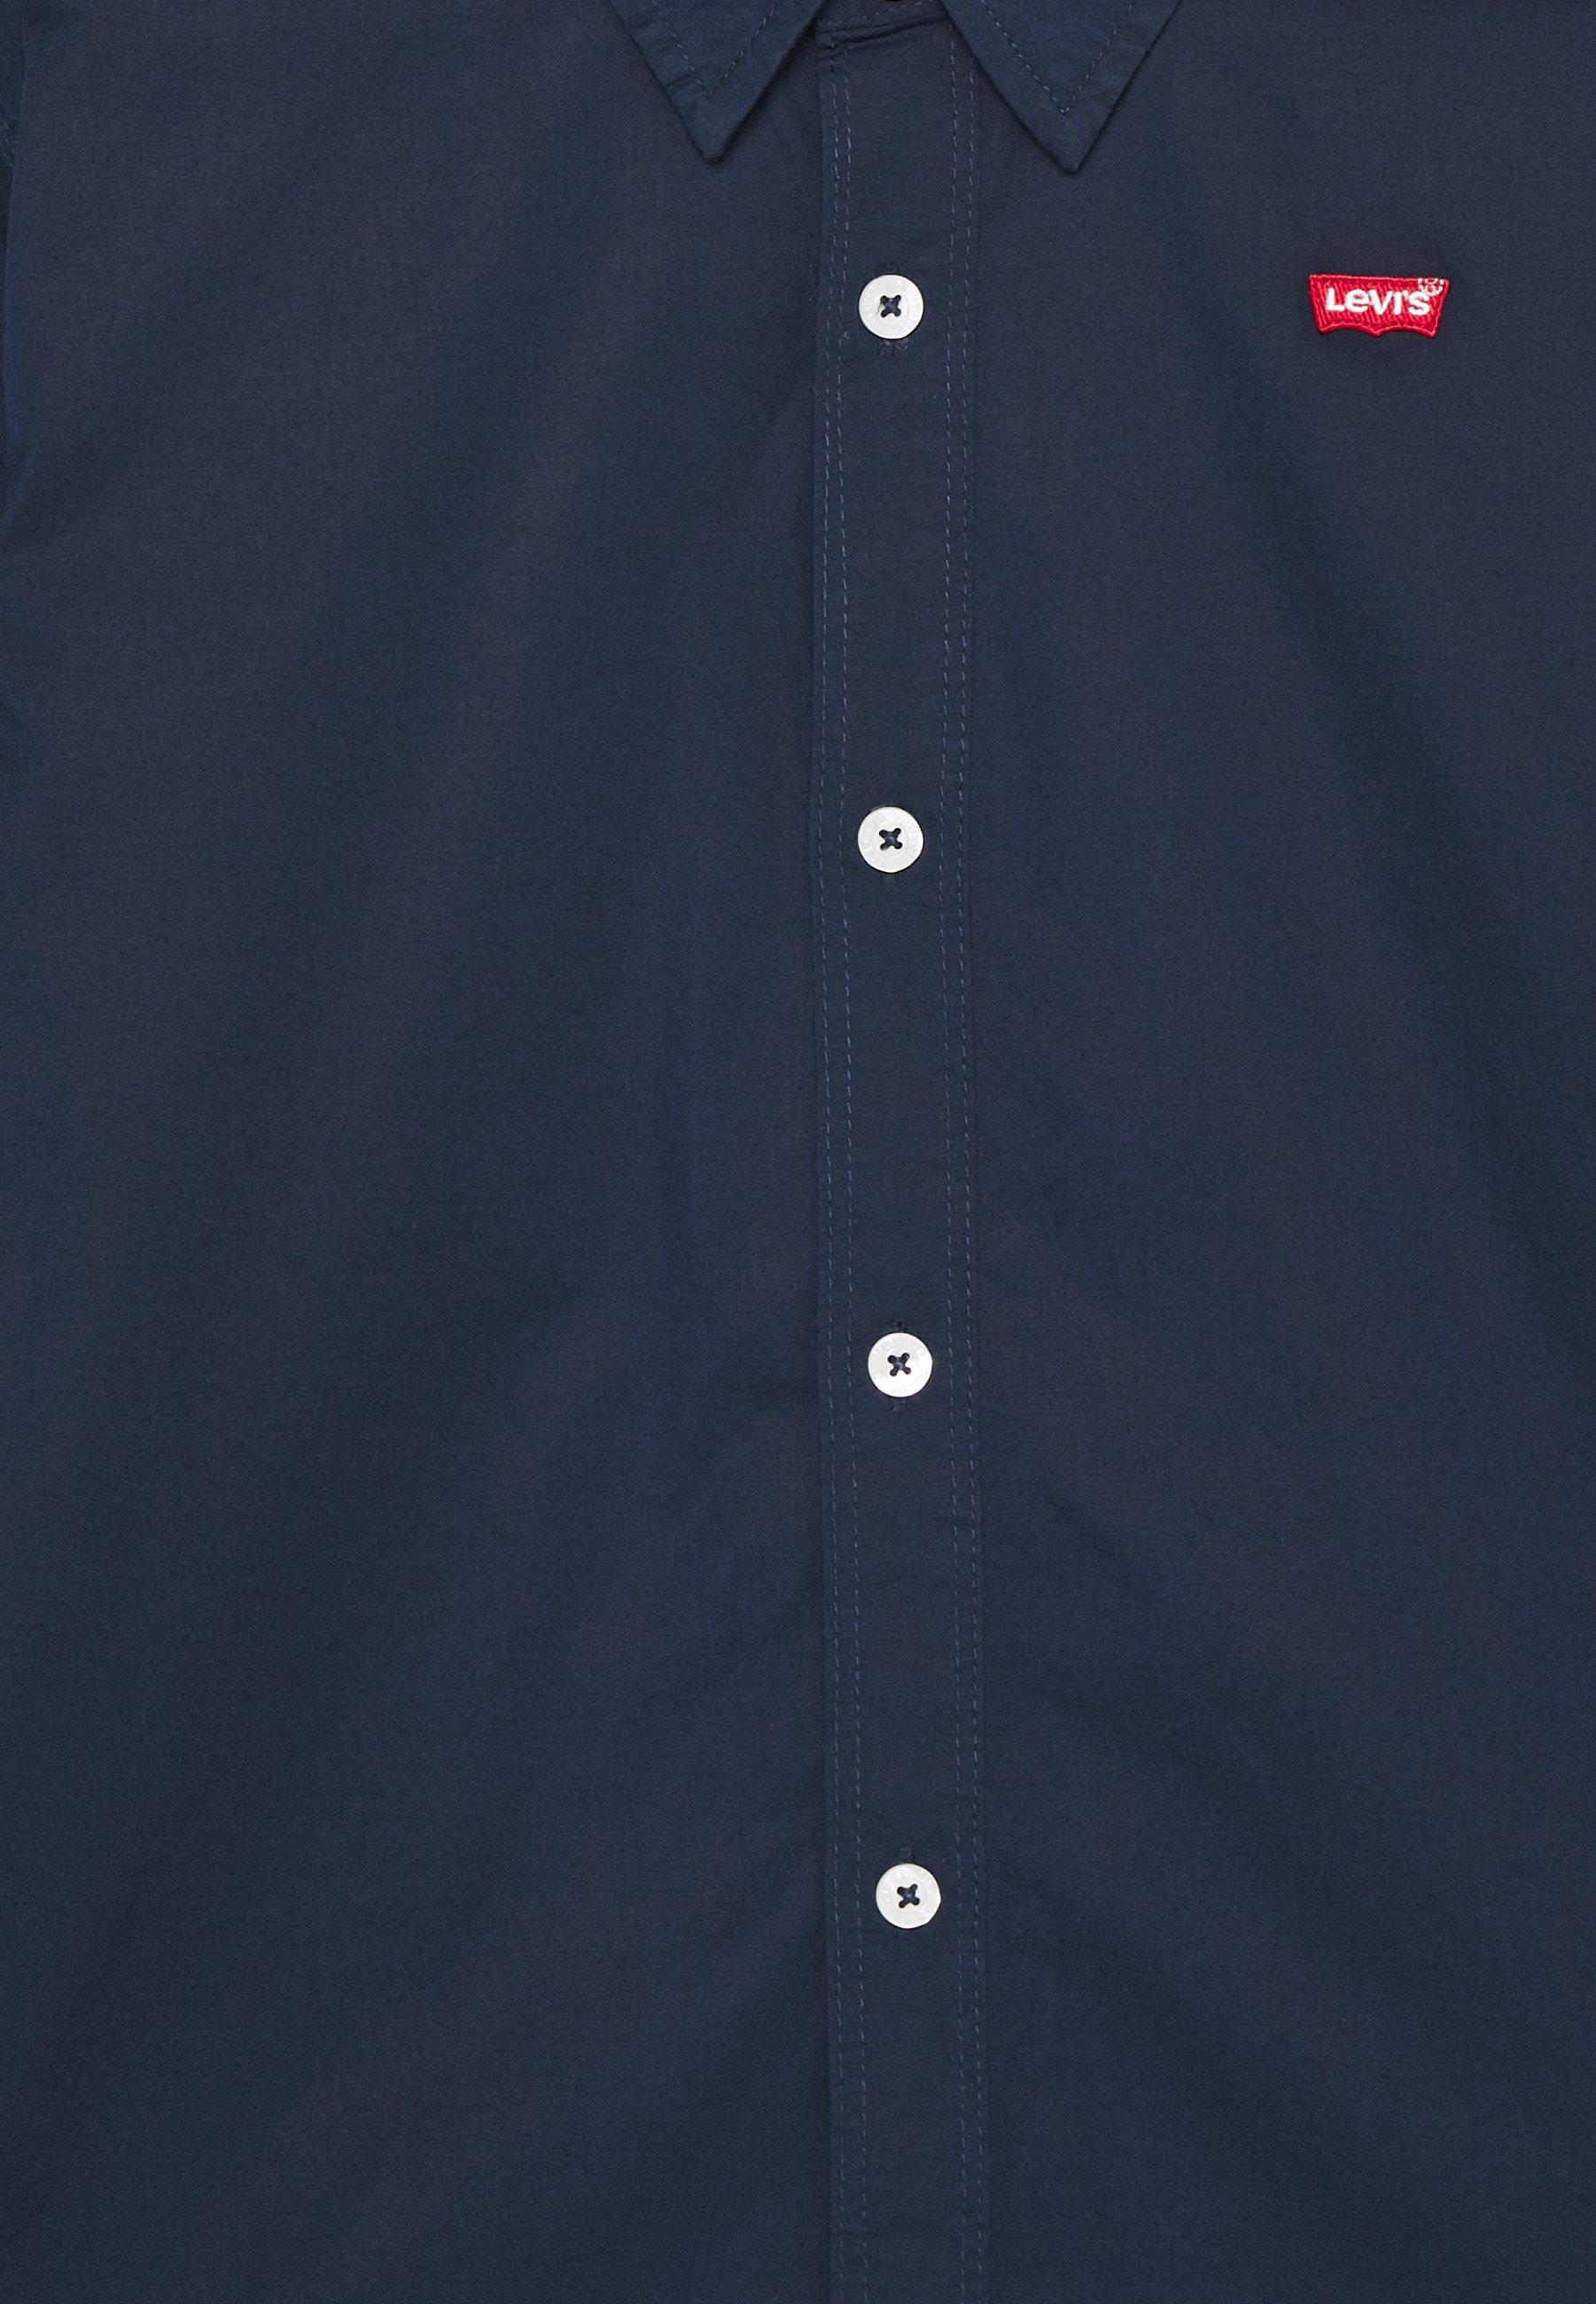 skjorte knapp set